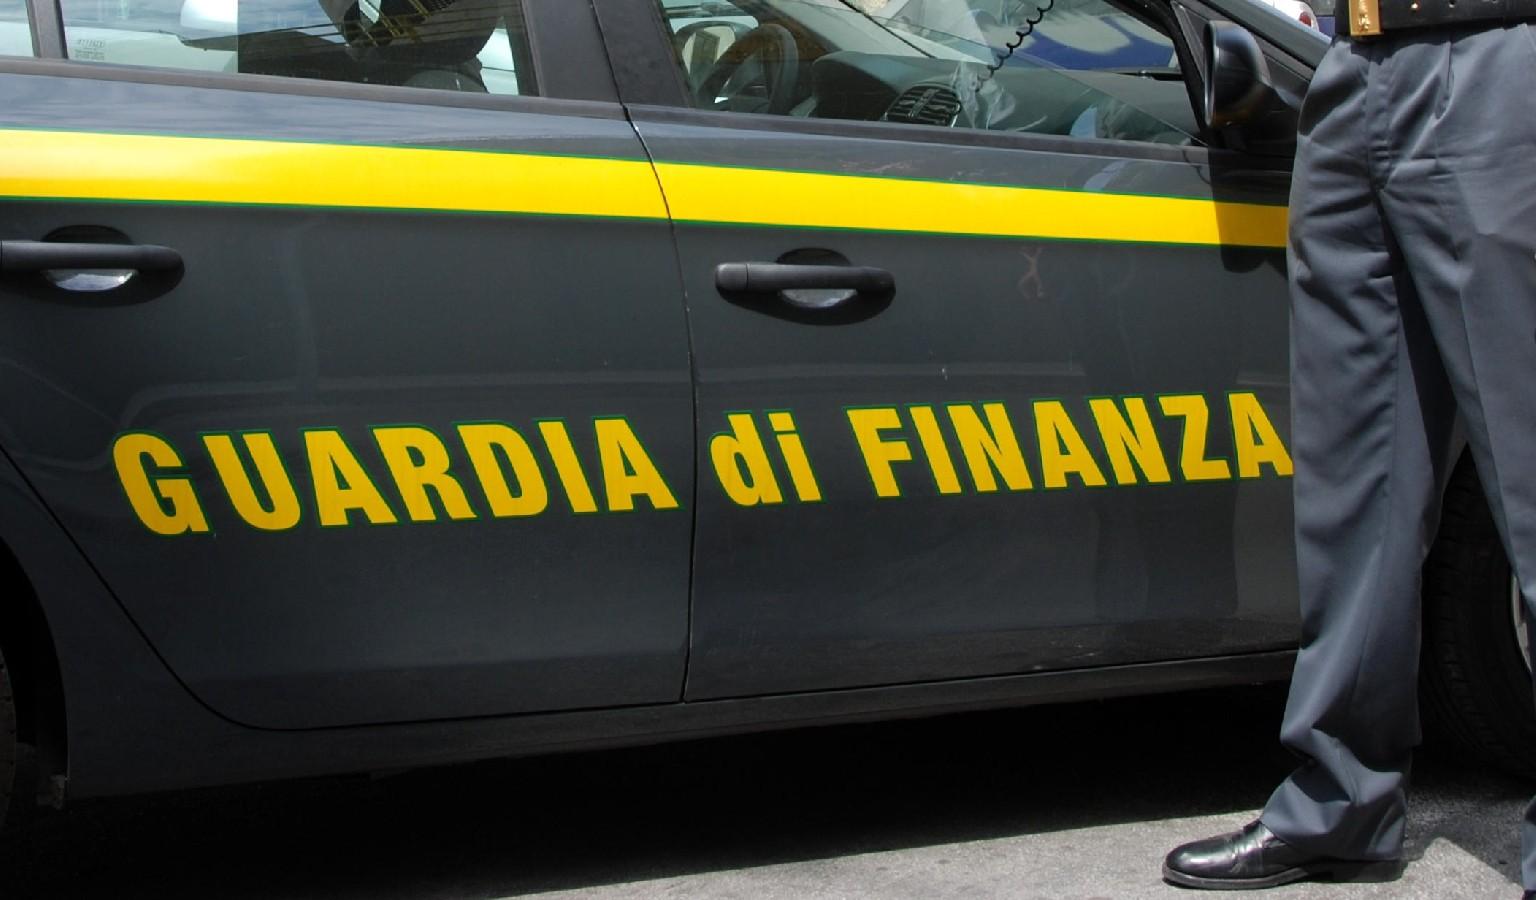 Maxi operazione a Bari, sequestrate a pluripregiudicato 17 case, 30 rapporti bancari per un valore di 15 milioni di euro